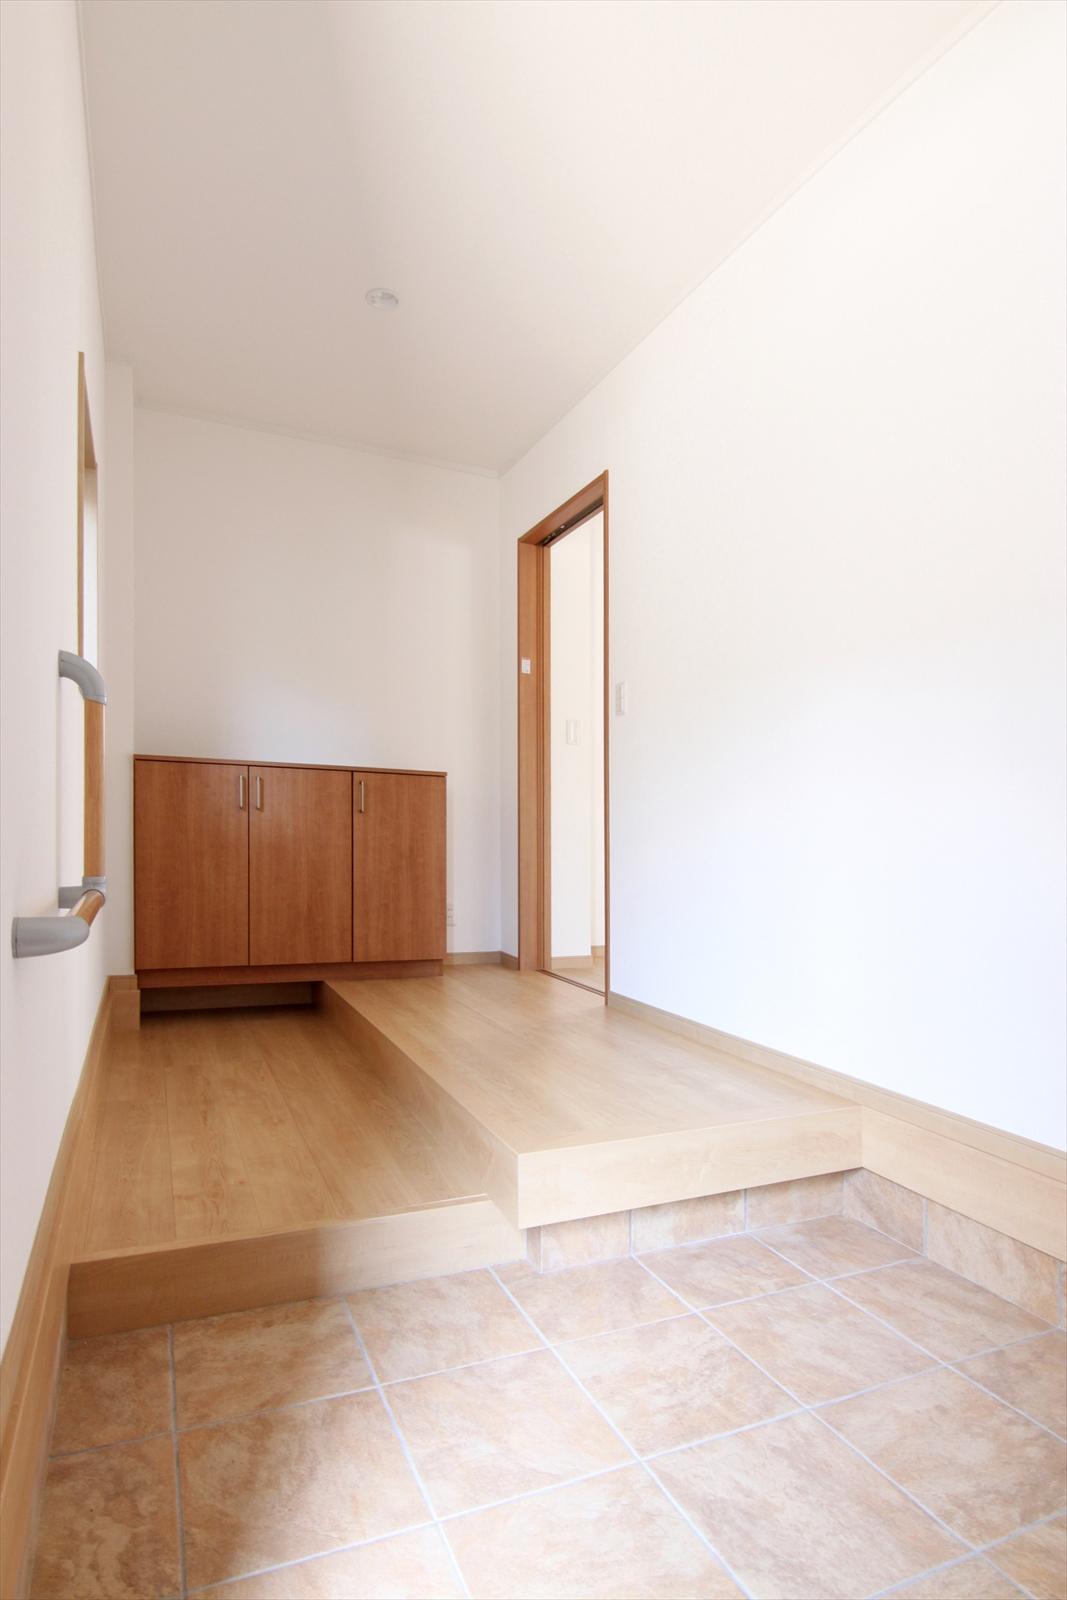 玄関ドアは引戸に、土間スペースも広く取りホールに上がる部分には手すりを付けて安全な出入りをサポートします。